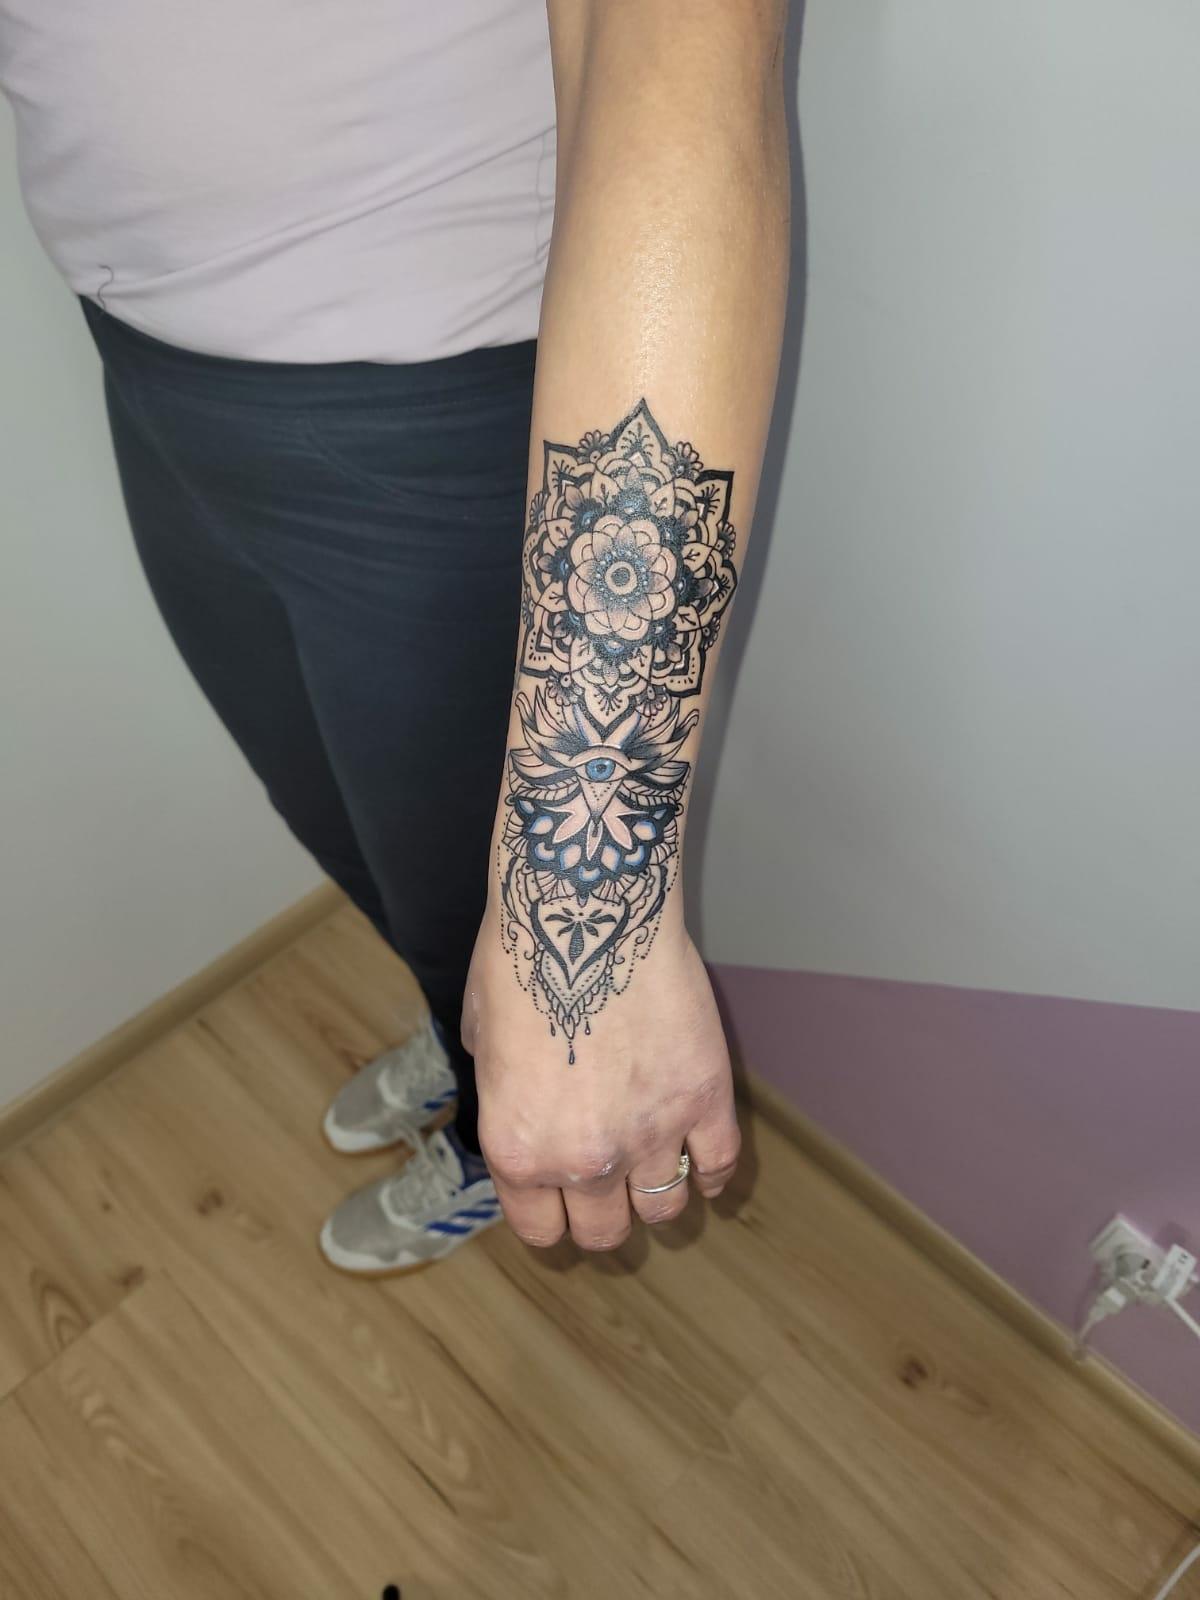 Inksearch tattoo Aleksandra Bączkowska